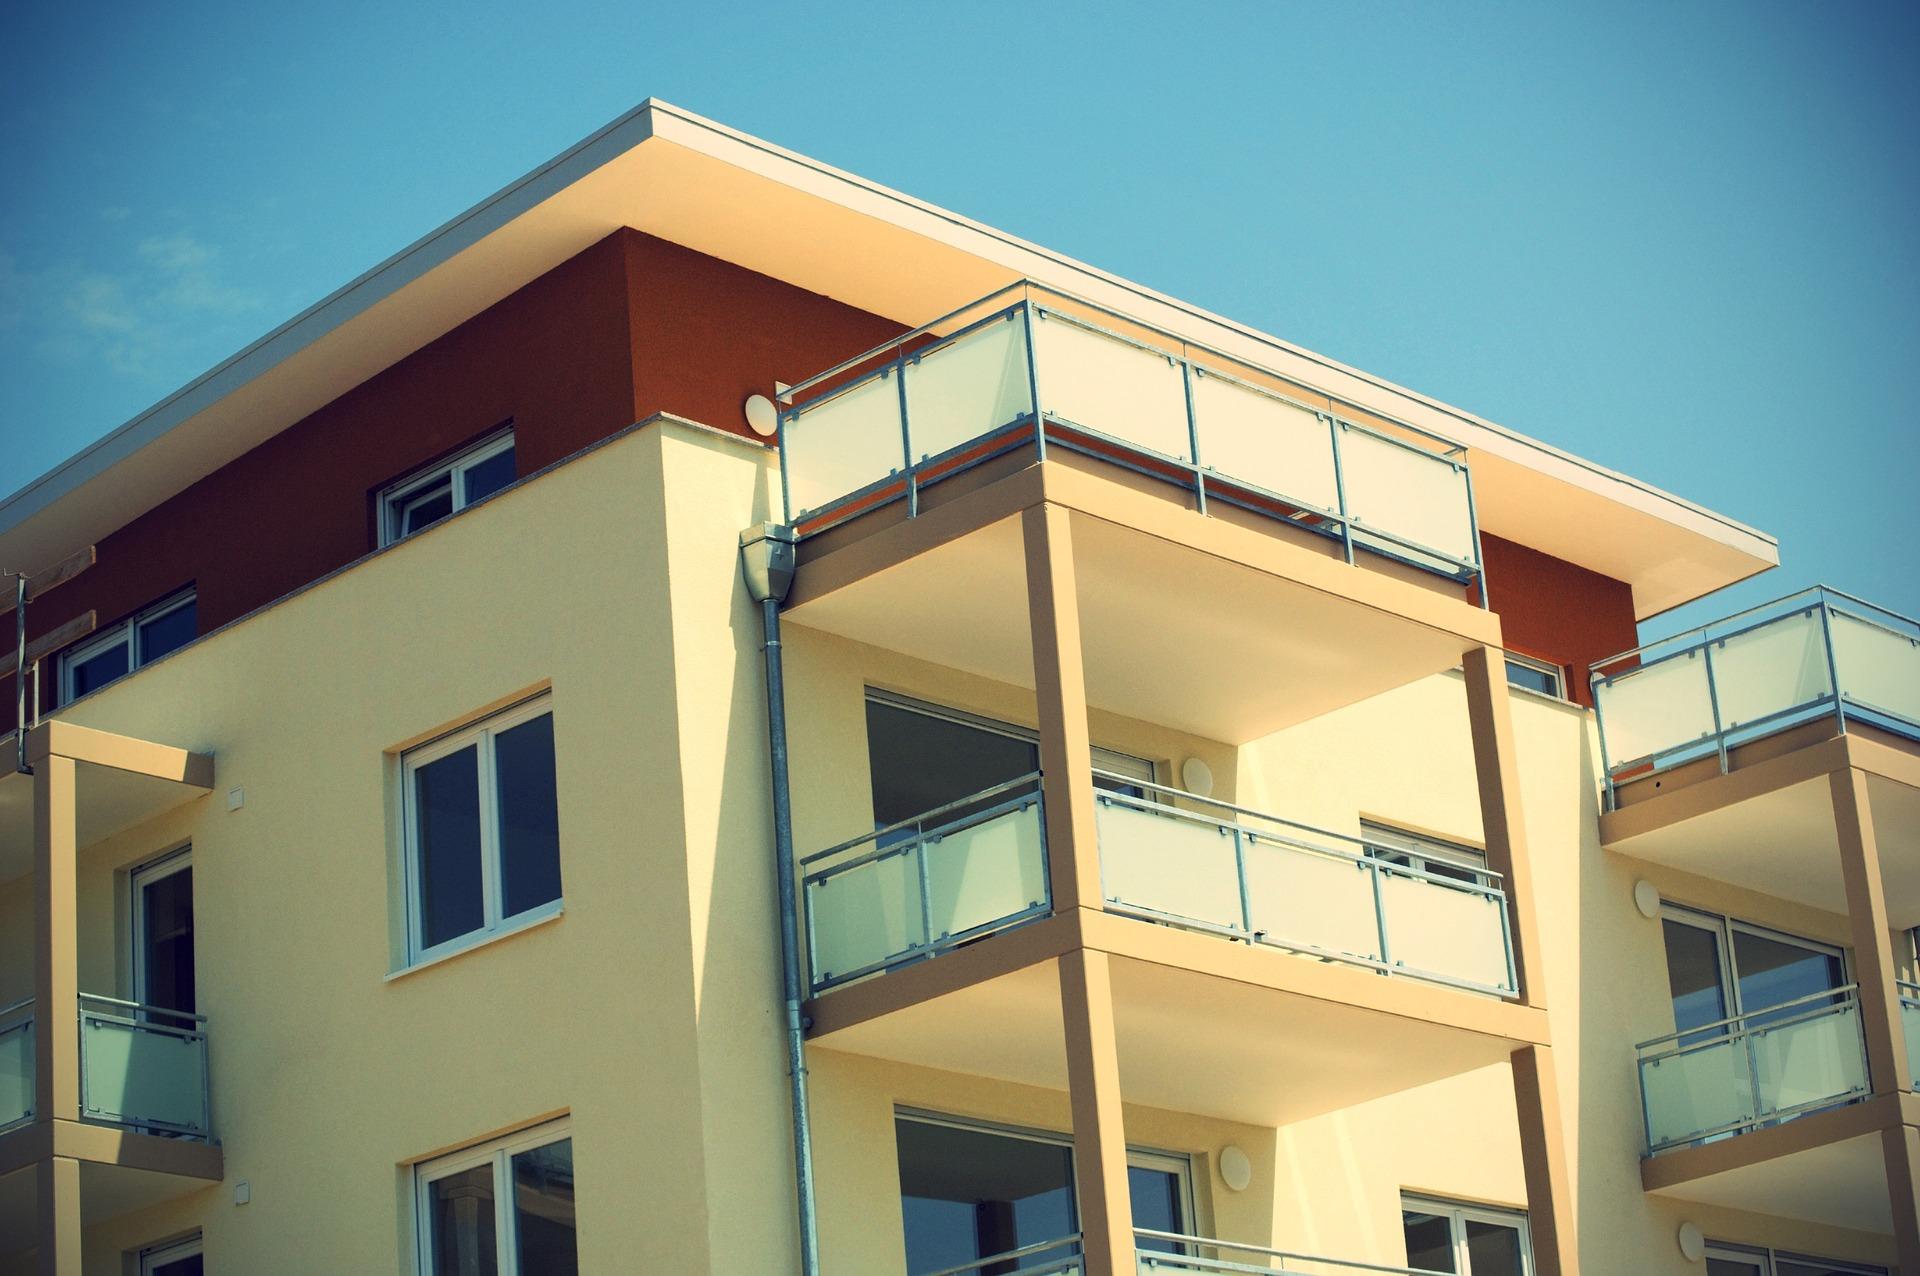 TBS rozwiązaniem mieszkaniowym dla bankrutów w upadłości konsumenckiej?